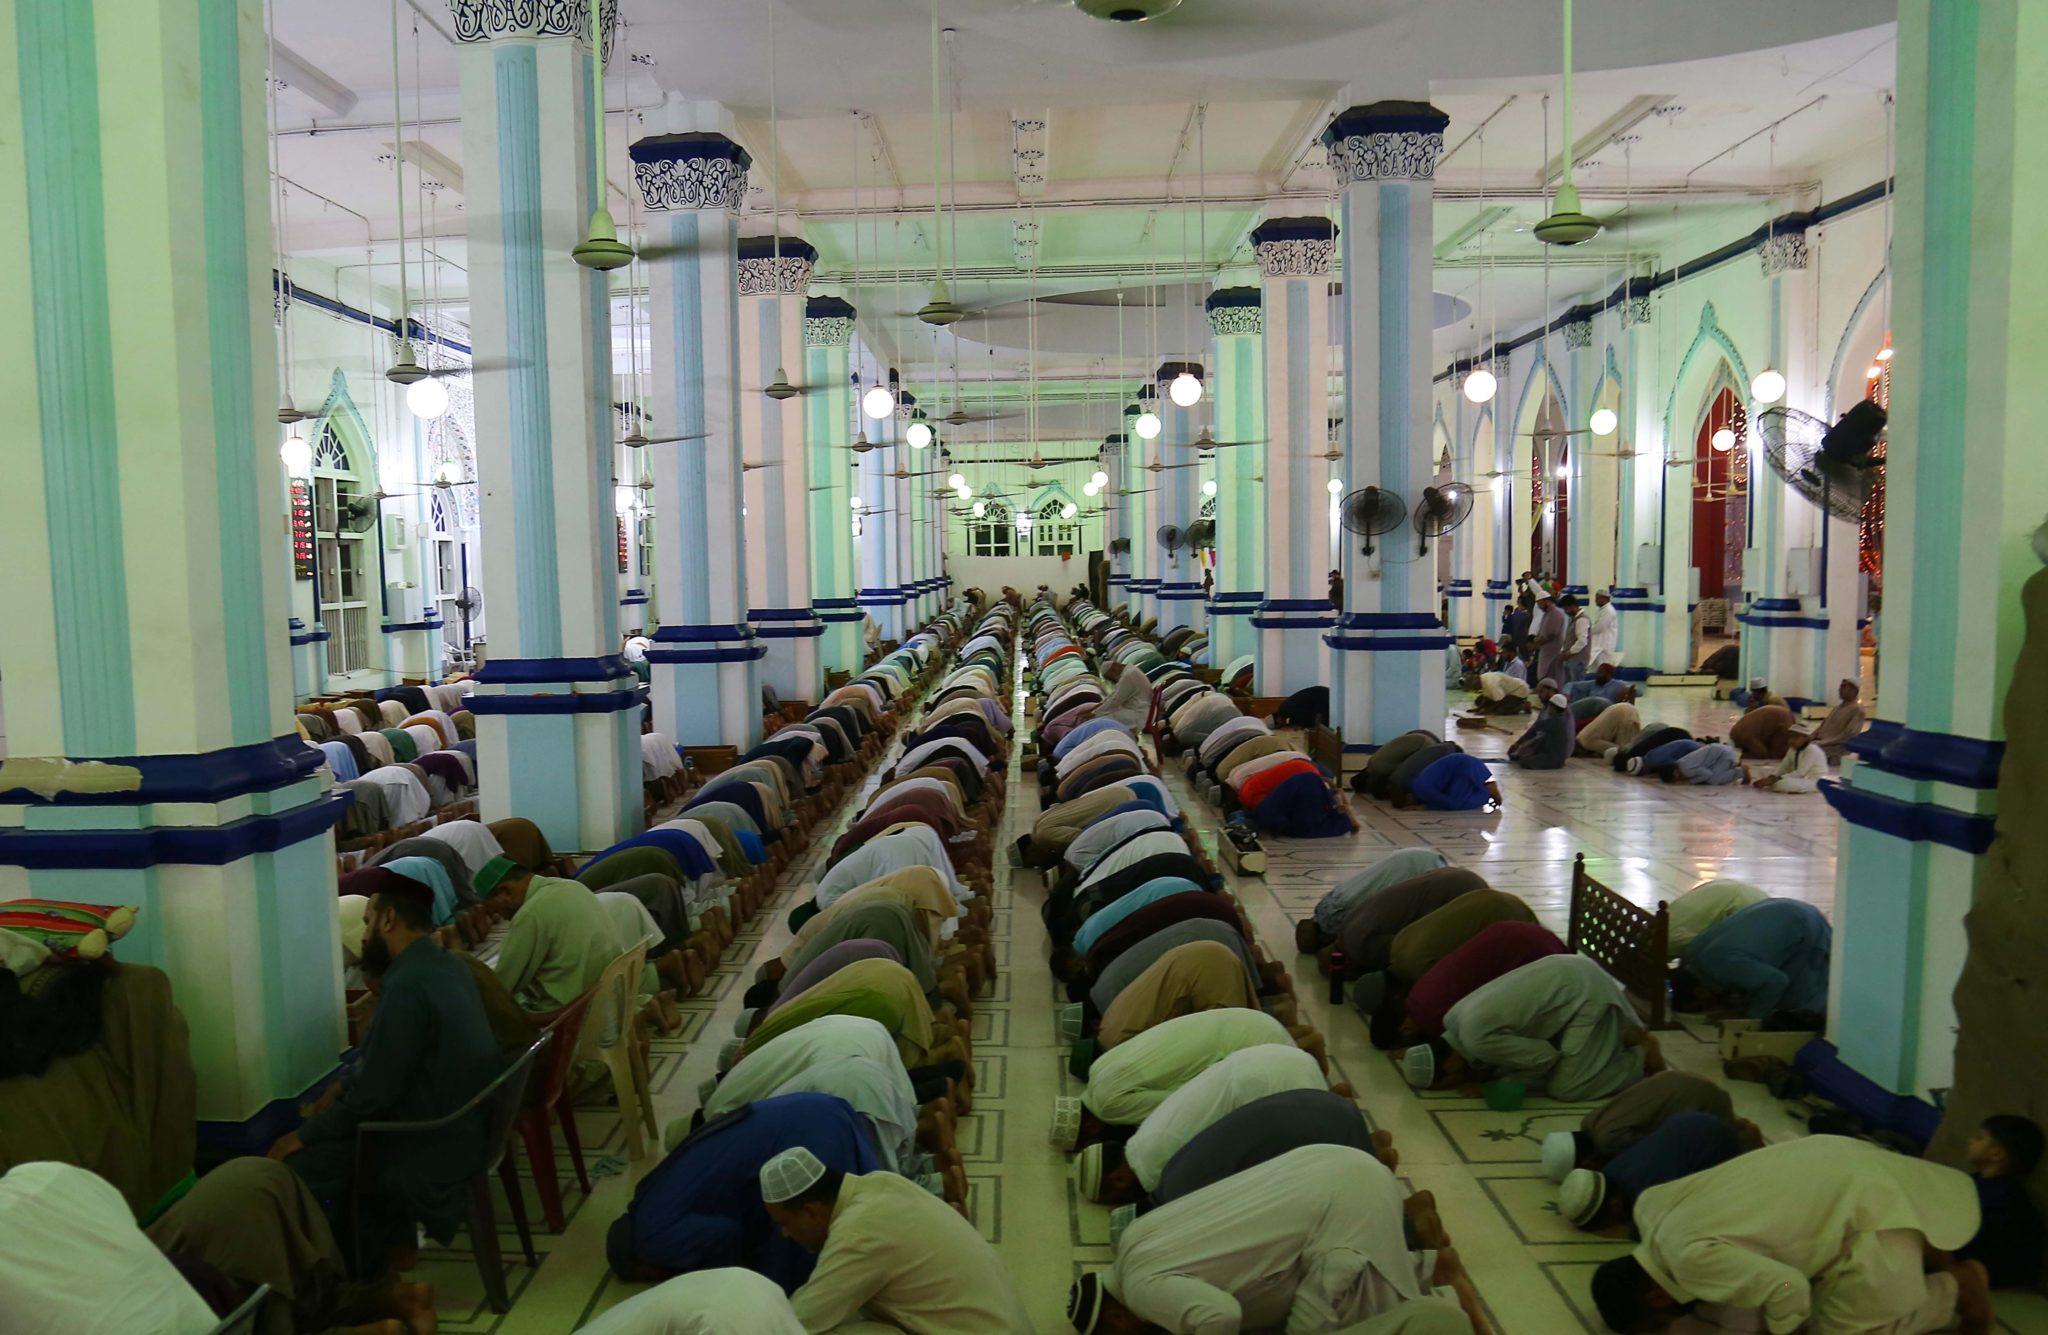 Muzułmanie pakistańscy modlą się w meczecie podczas 27. nocy Ramadanu, świętego miesiąca postu, w Peszawarze w Pakistanie, fot: Shahzain Akber, PAP/EPA